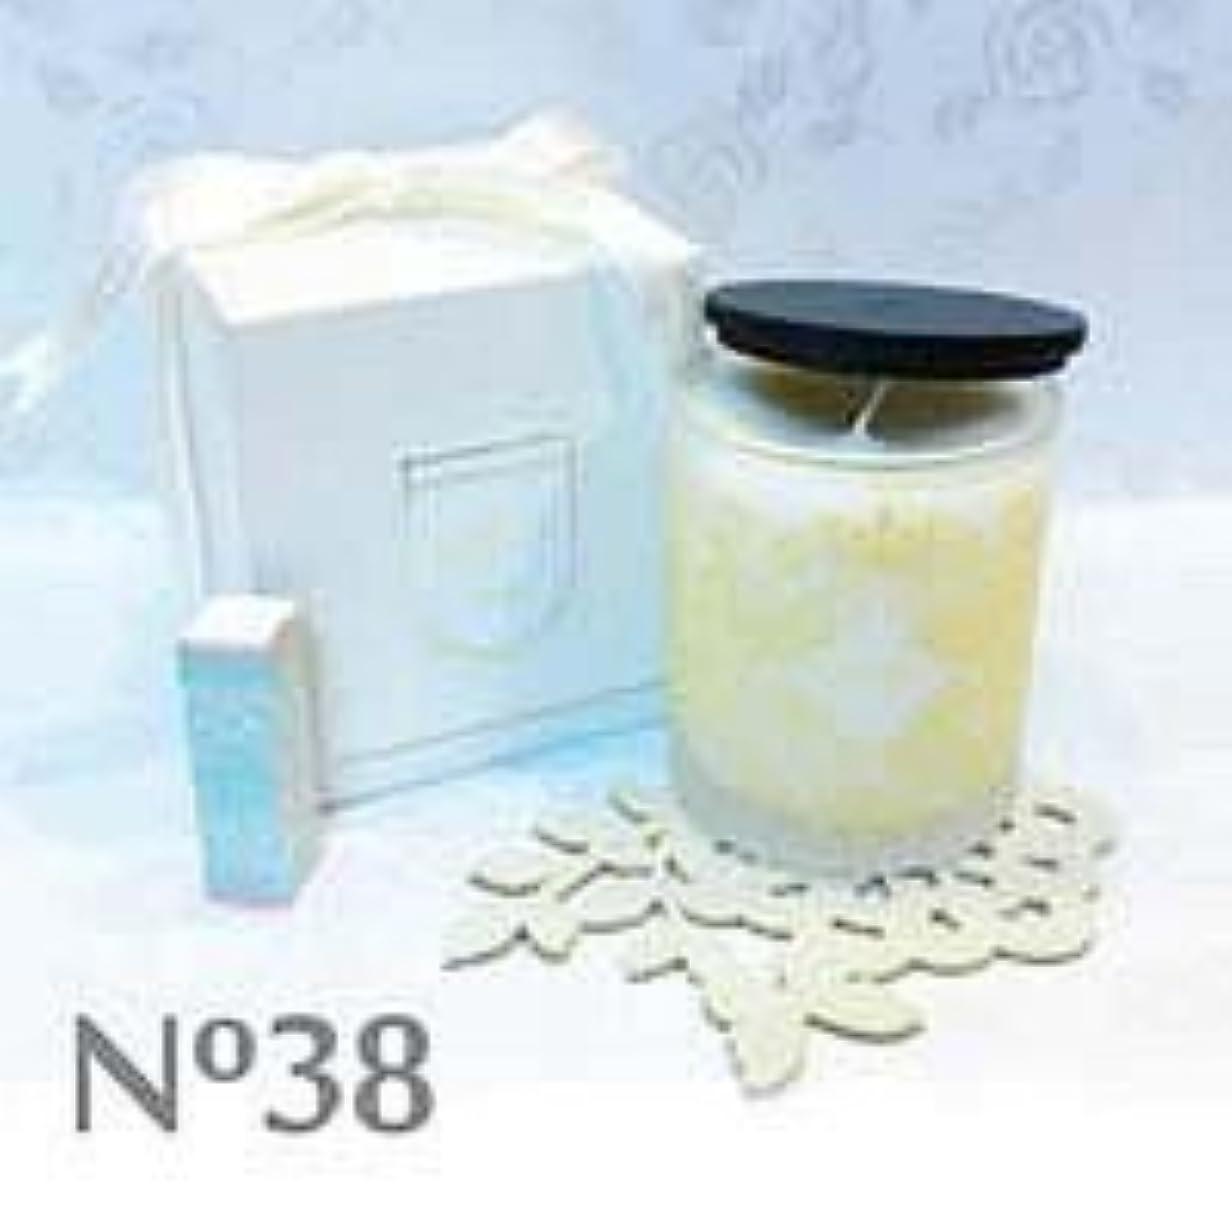 キャプチャー履歴書会計士アロマキャンドル parfum No.38